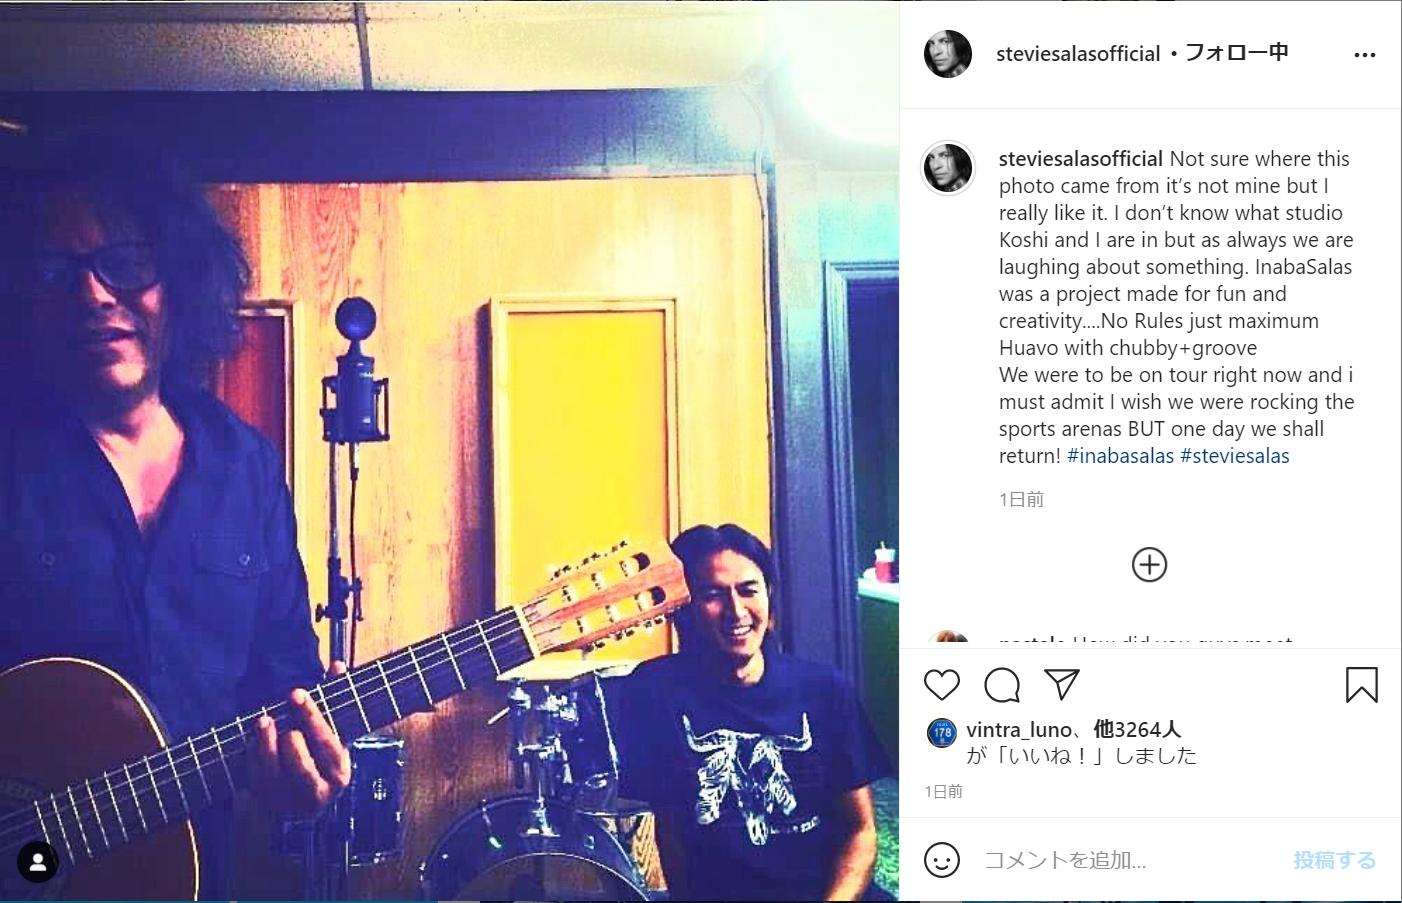 稲葉浩志とS・サラスのスタジオでの写真